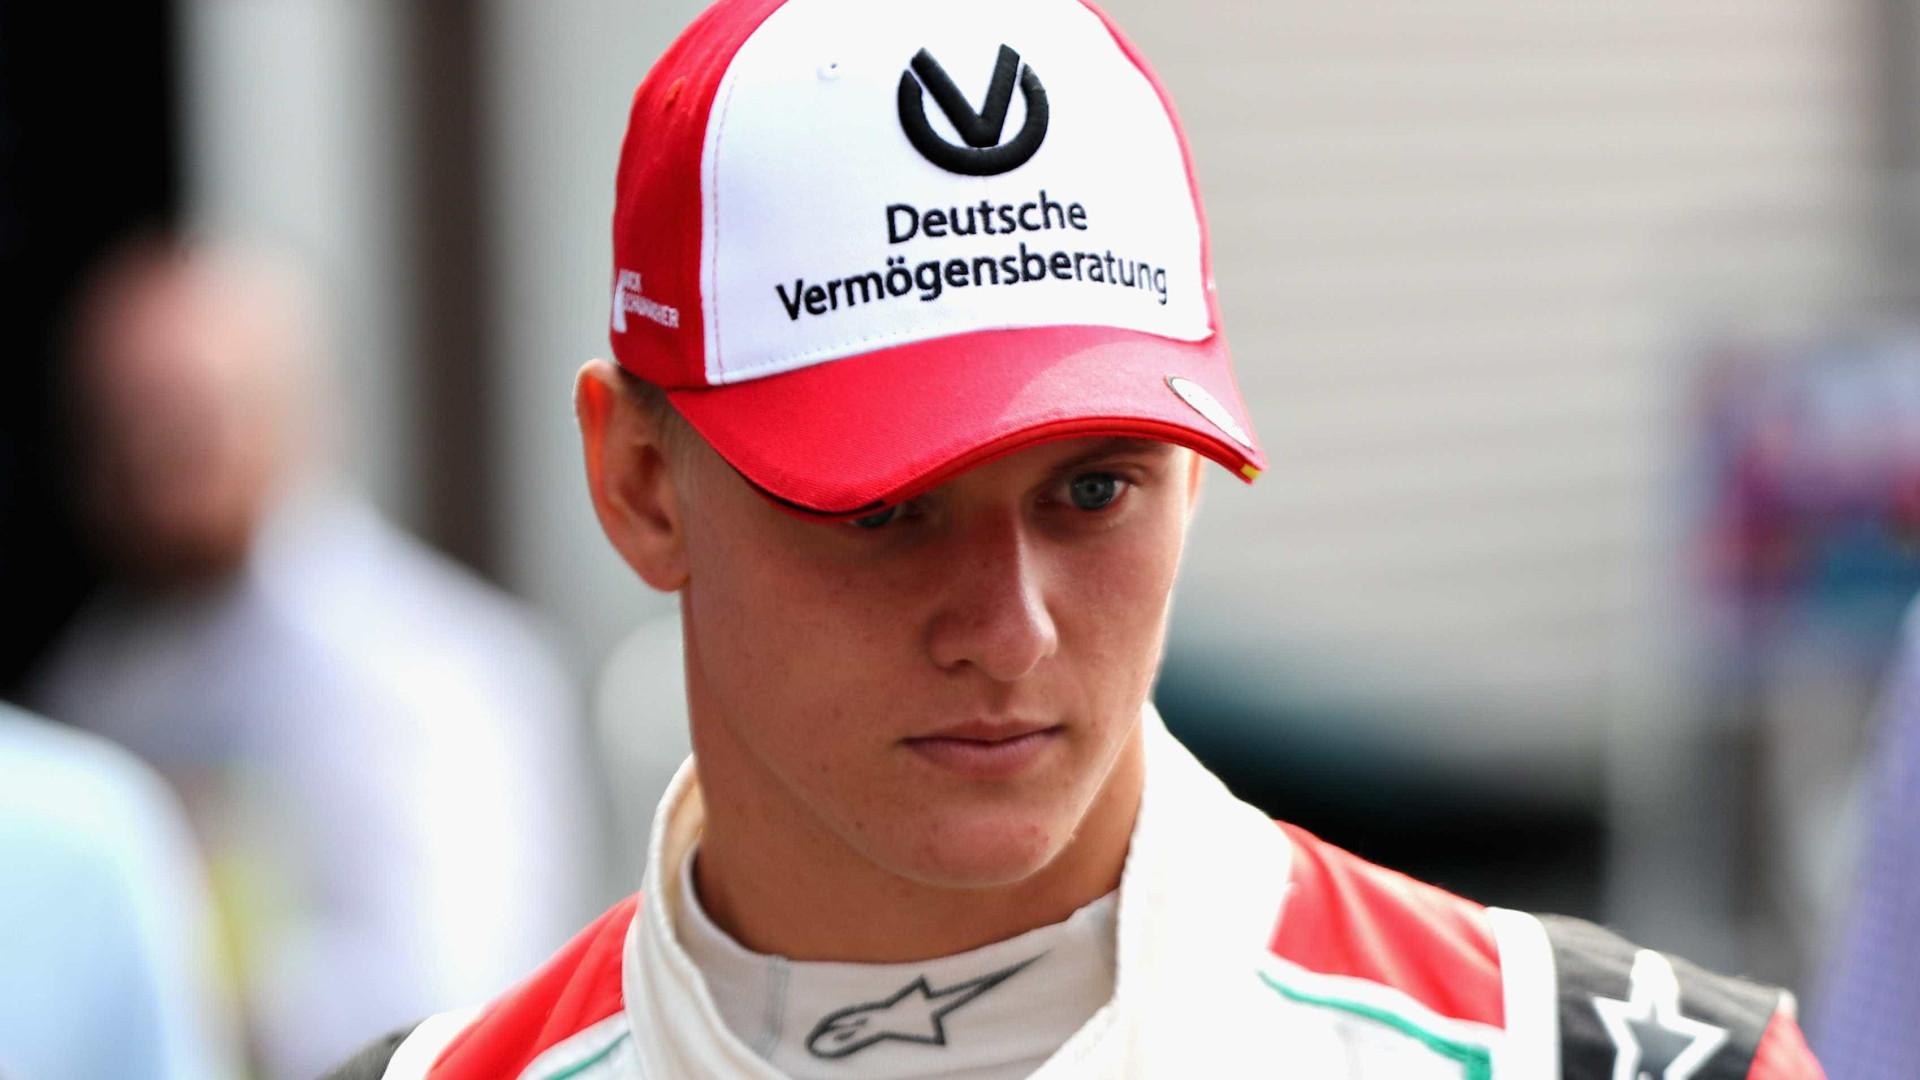 Na Bélgica, filho de Schumacher repete pai e vence pela 1ª vez